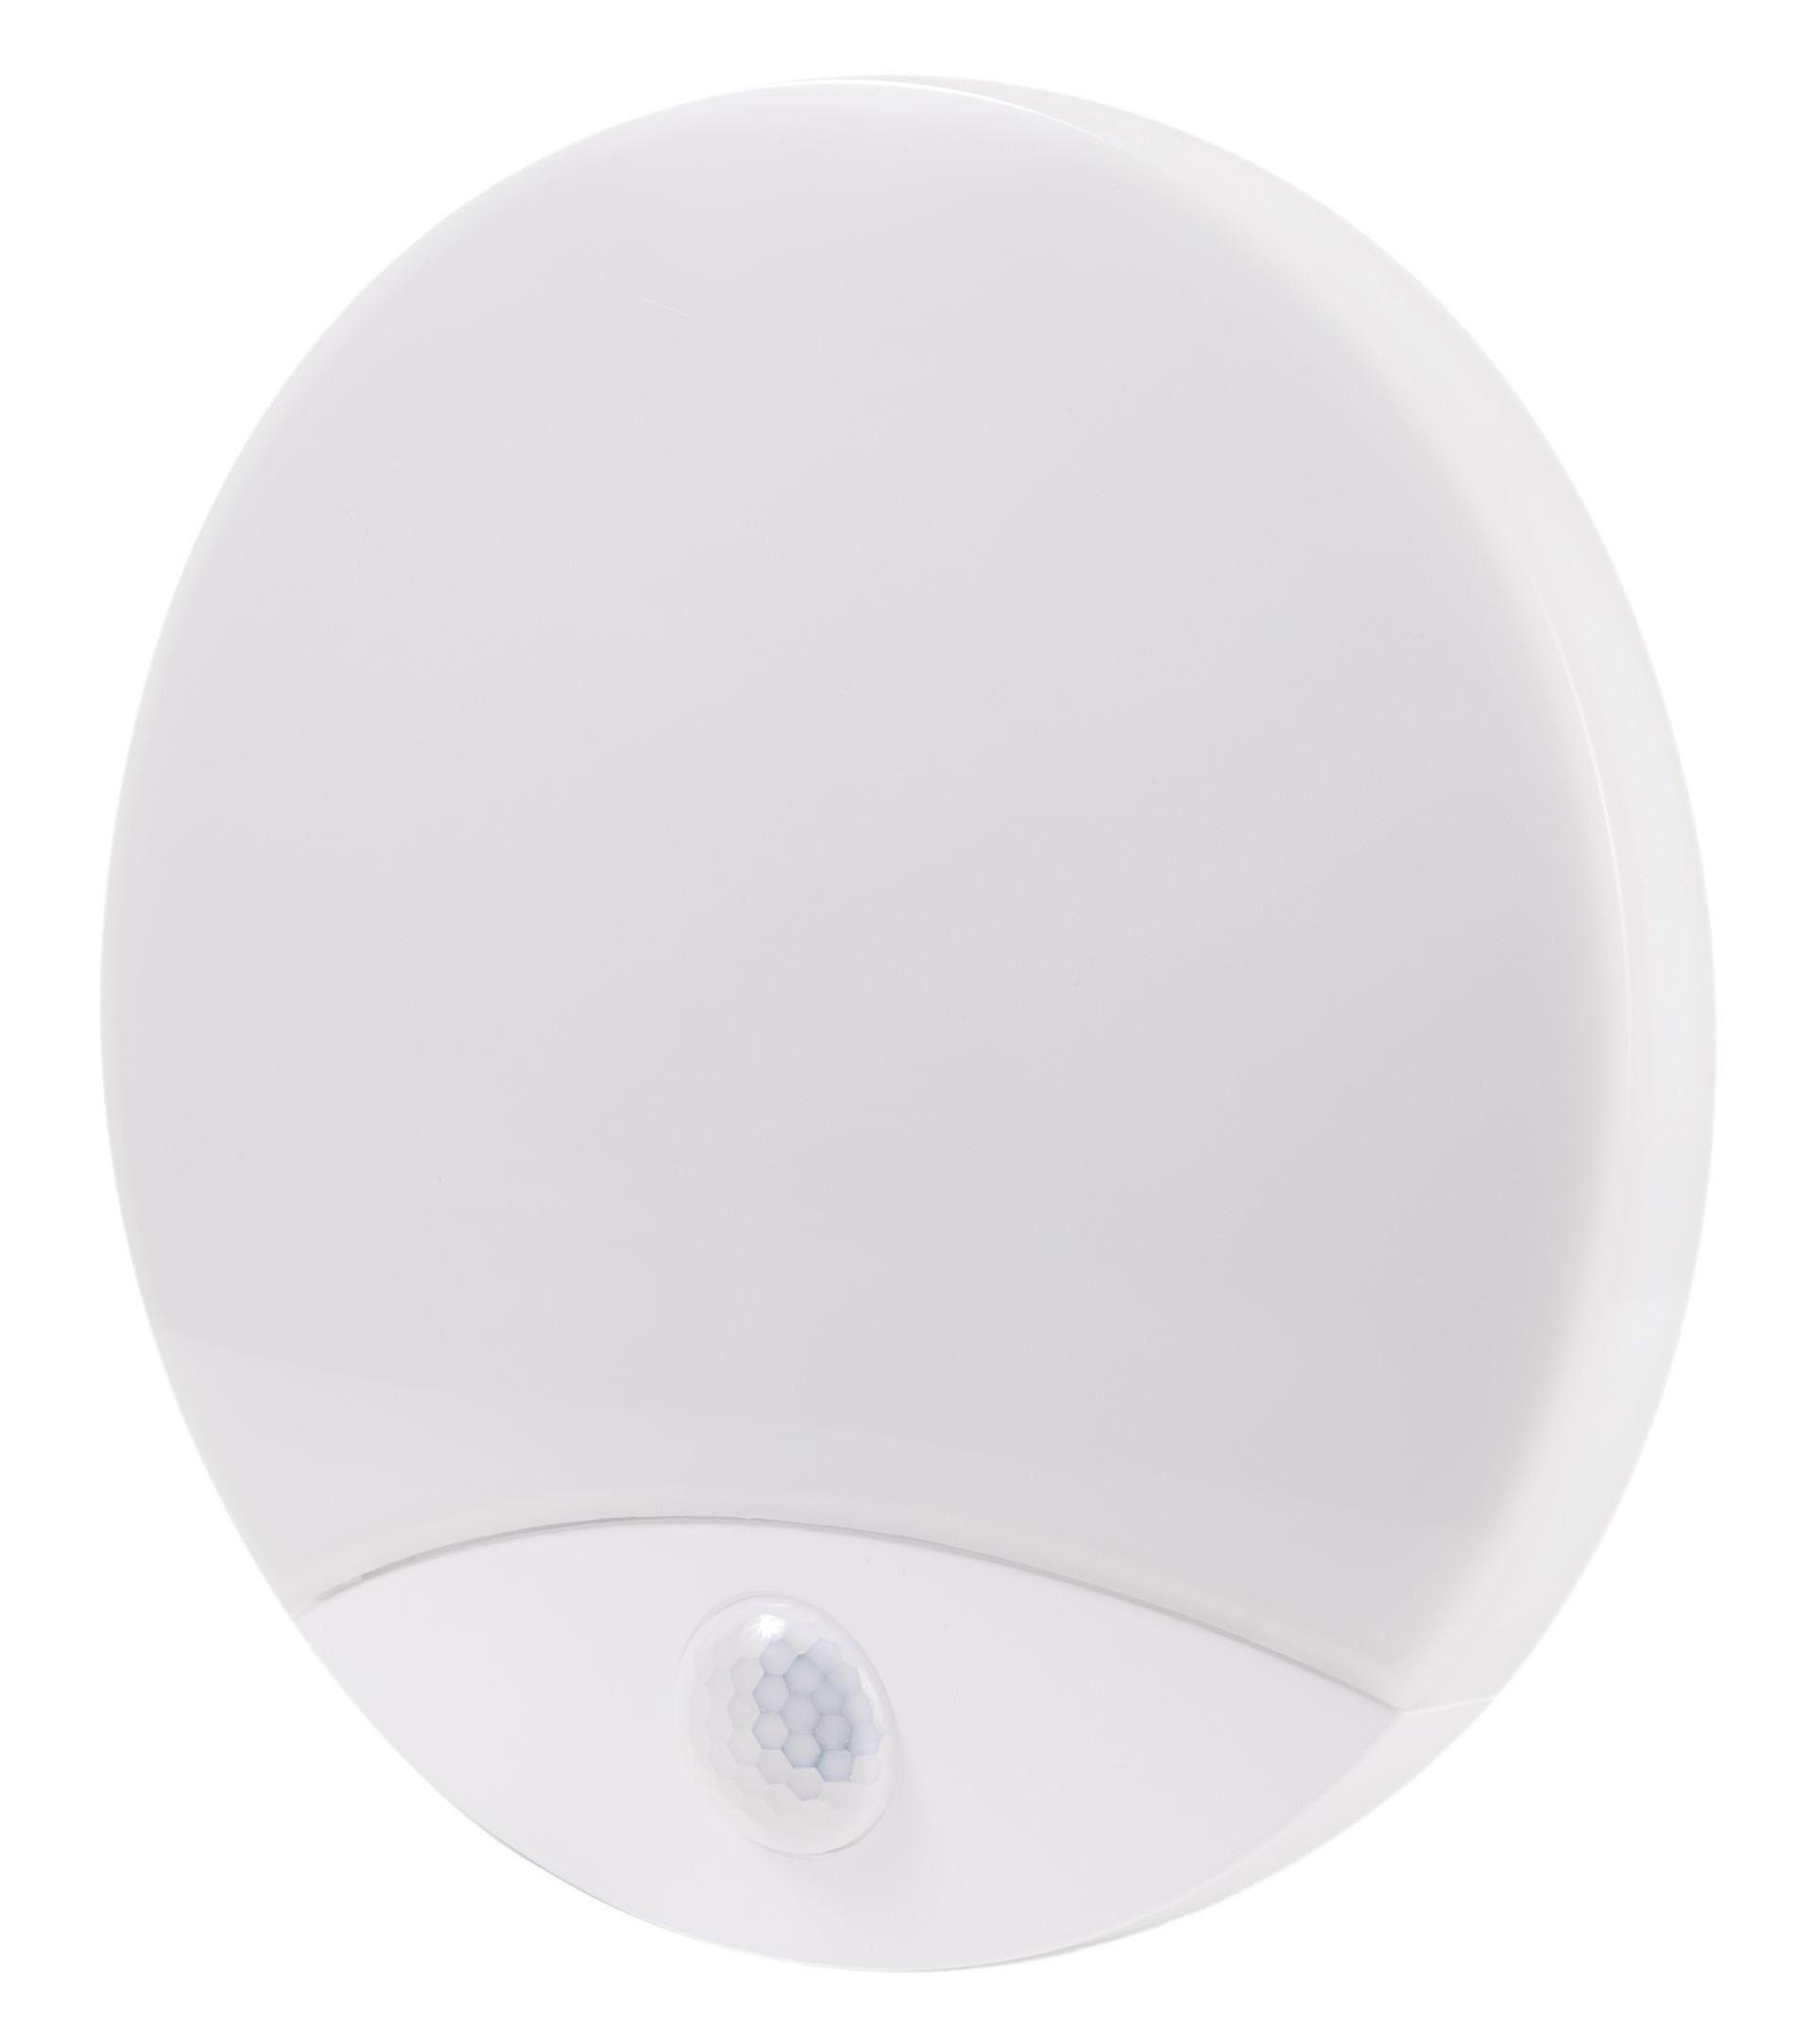 LED Solution LED stropní/nástěnné svítidlo 15W s pohybovým čidlem a nouzovým modulem STL 15 IEM